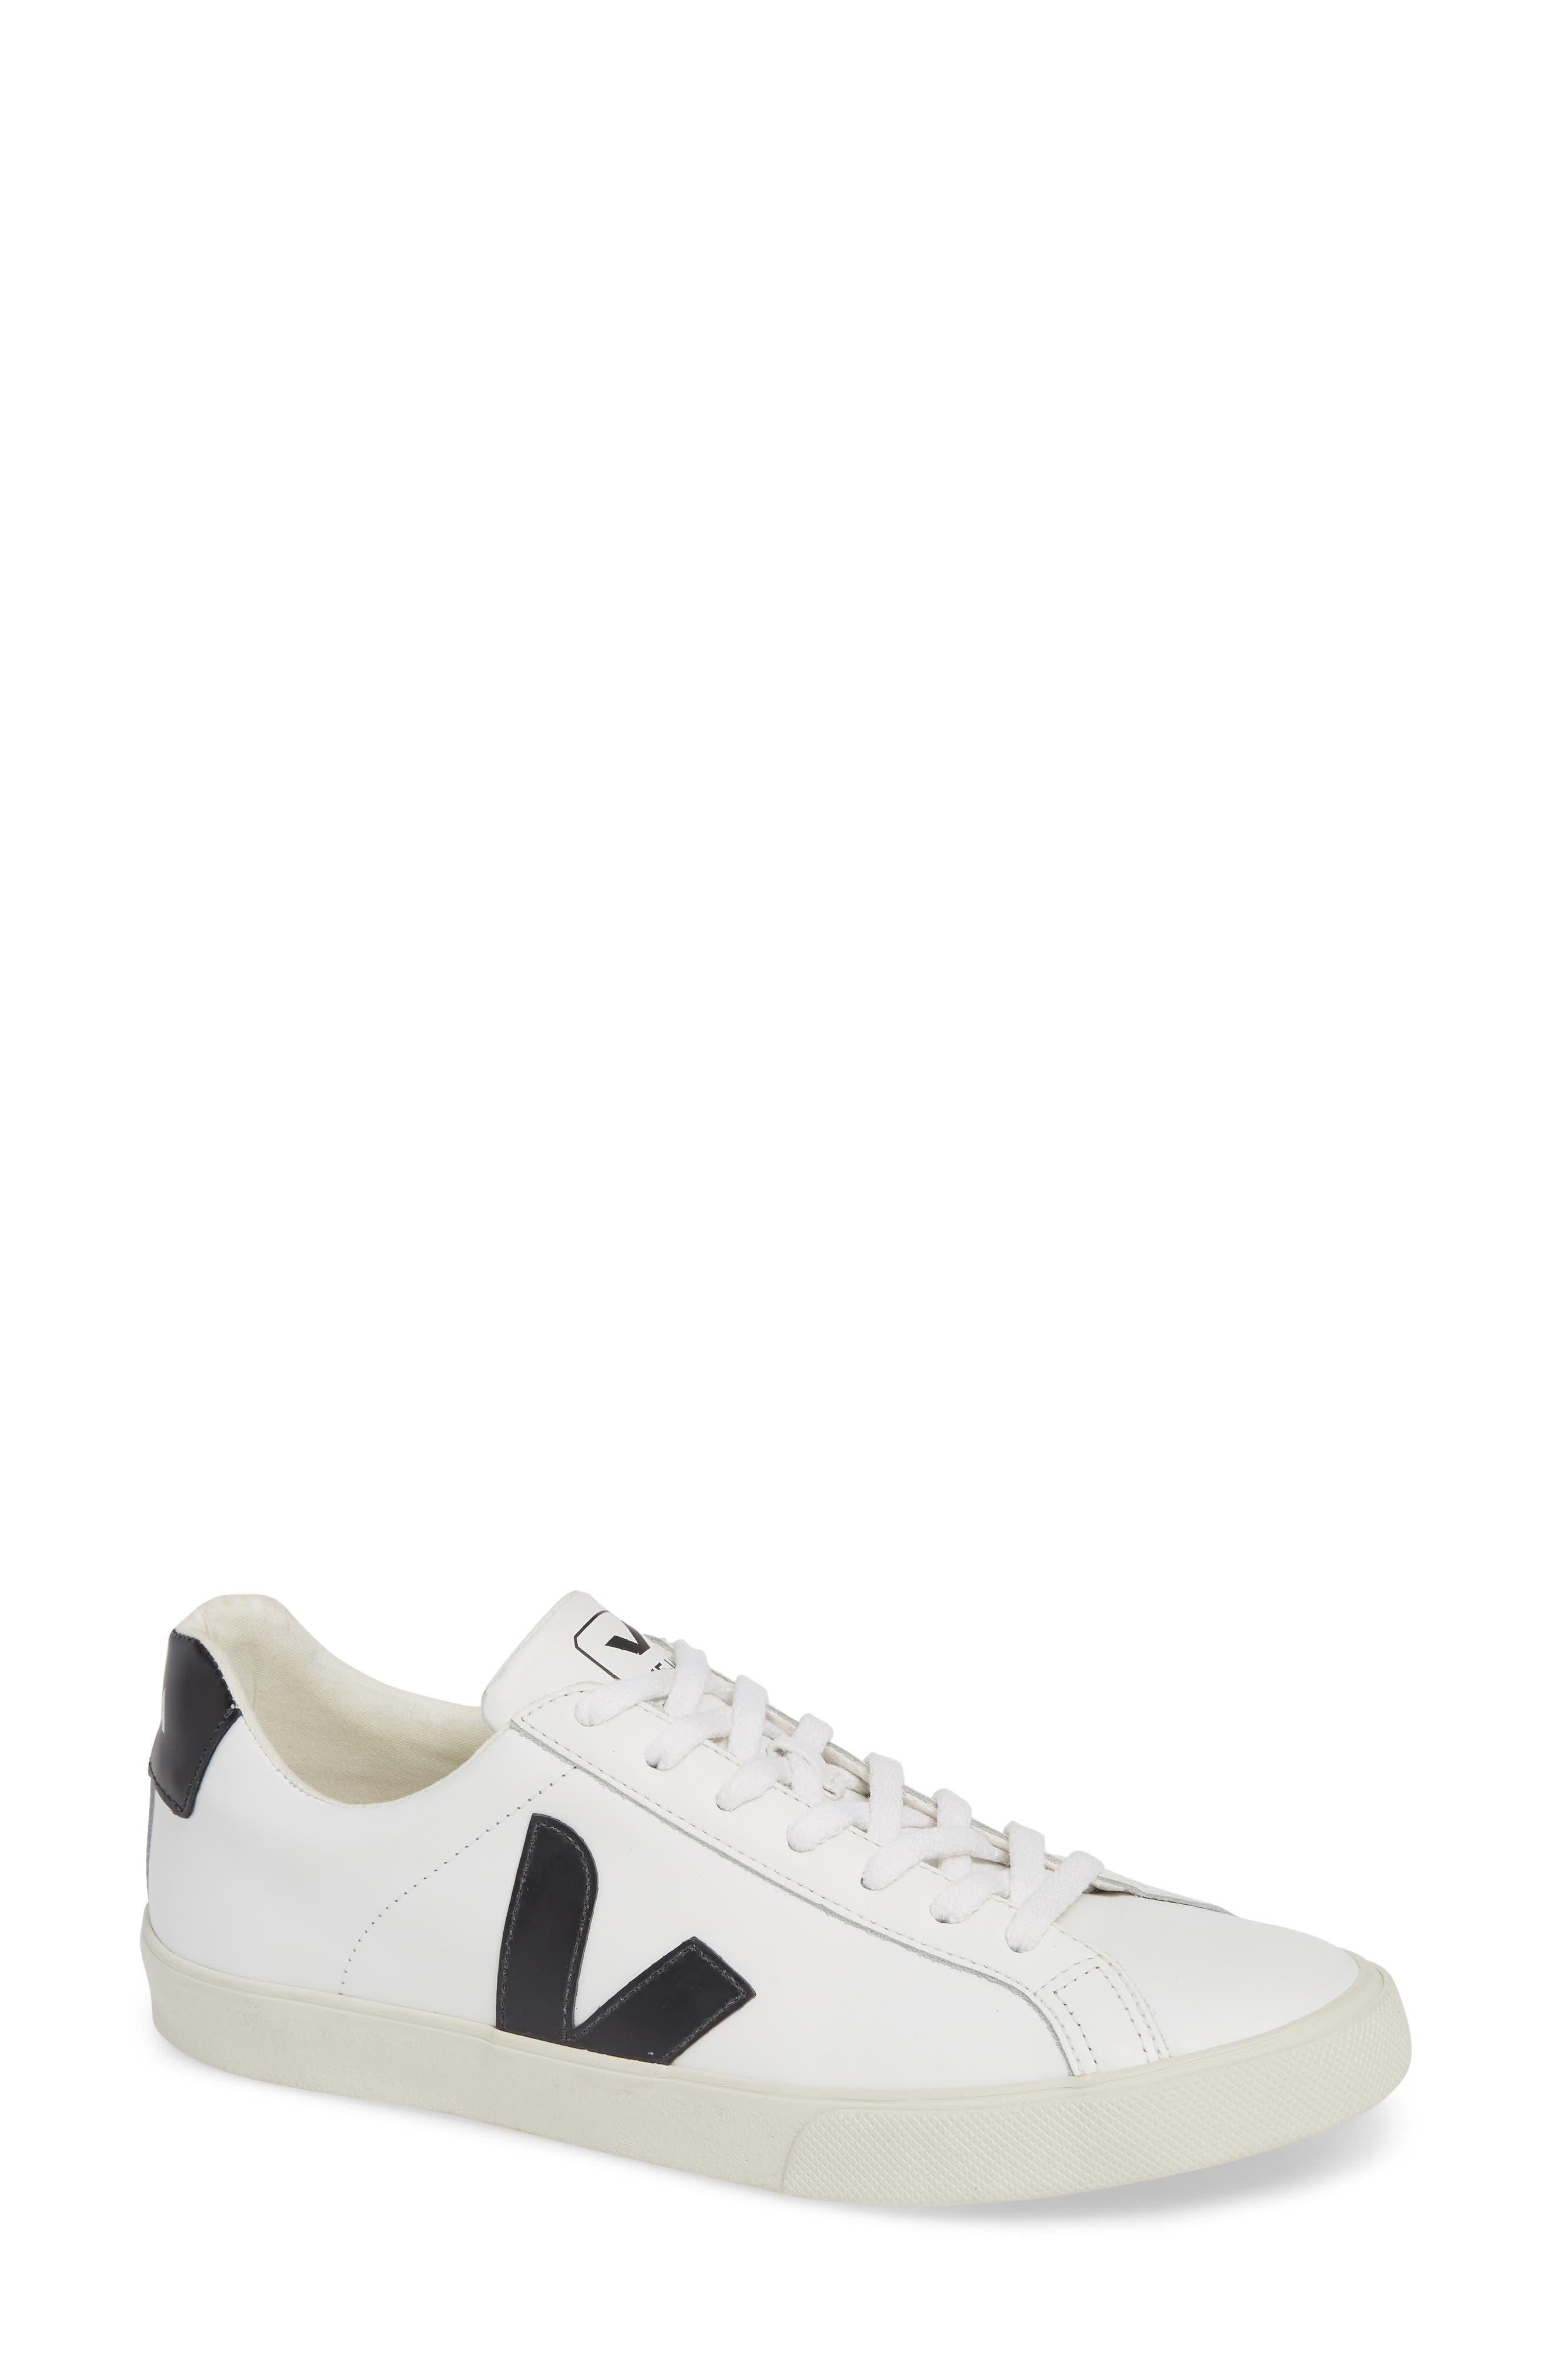 VEJA Esplar Sneaker, Main, color, EXTRA WHITE BLACK